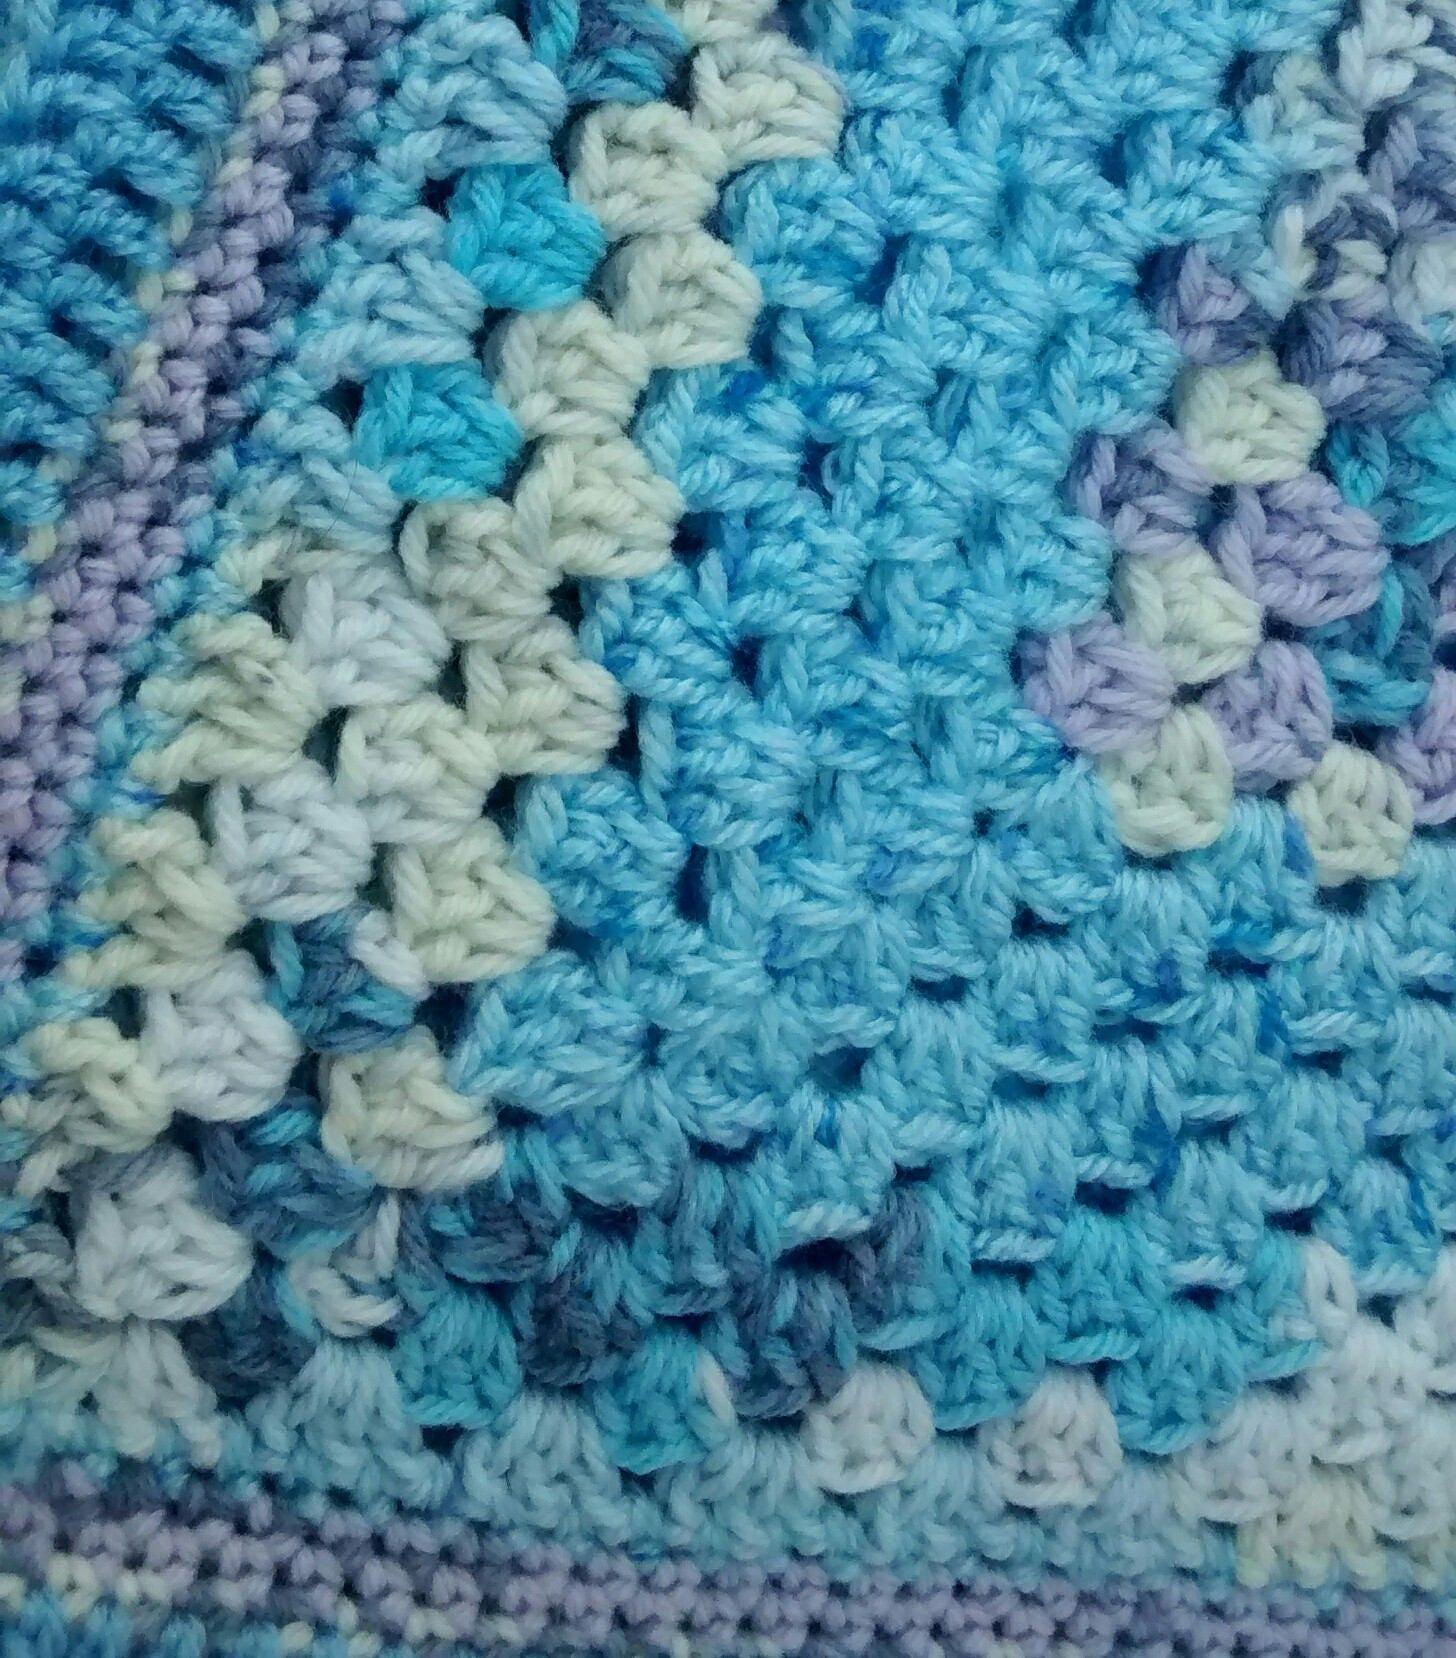 Baby Blanket  Blue Blanket  Handmade Crochet Blanket   Baby Pram Blanket   Granny Square Blanket  Baby Boy  Baby Shower Gift